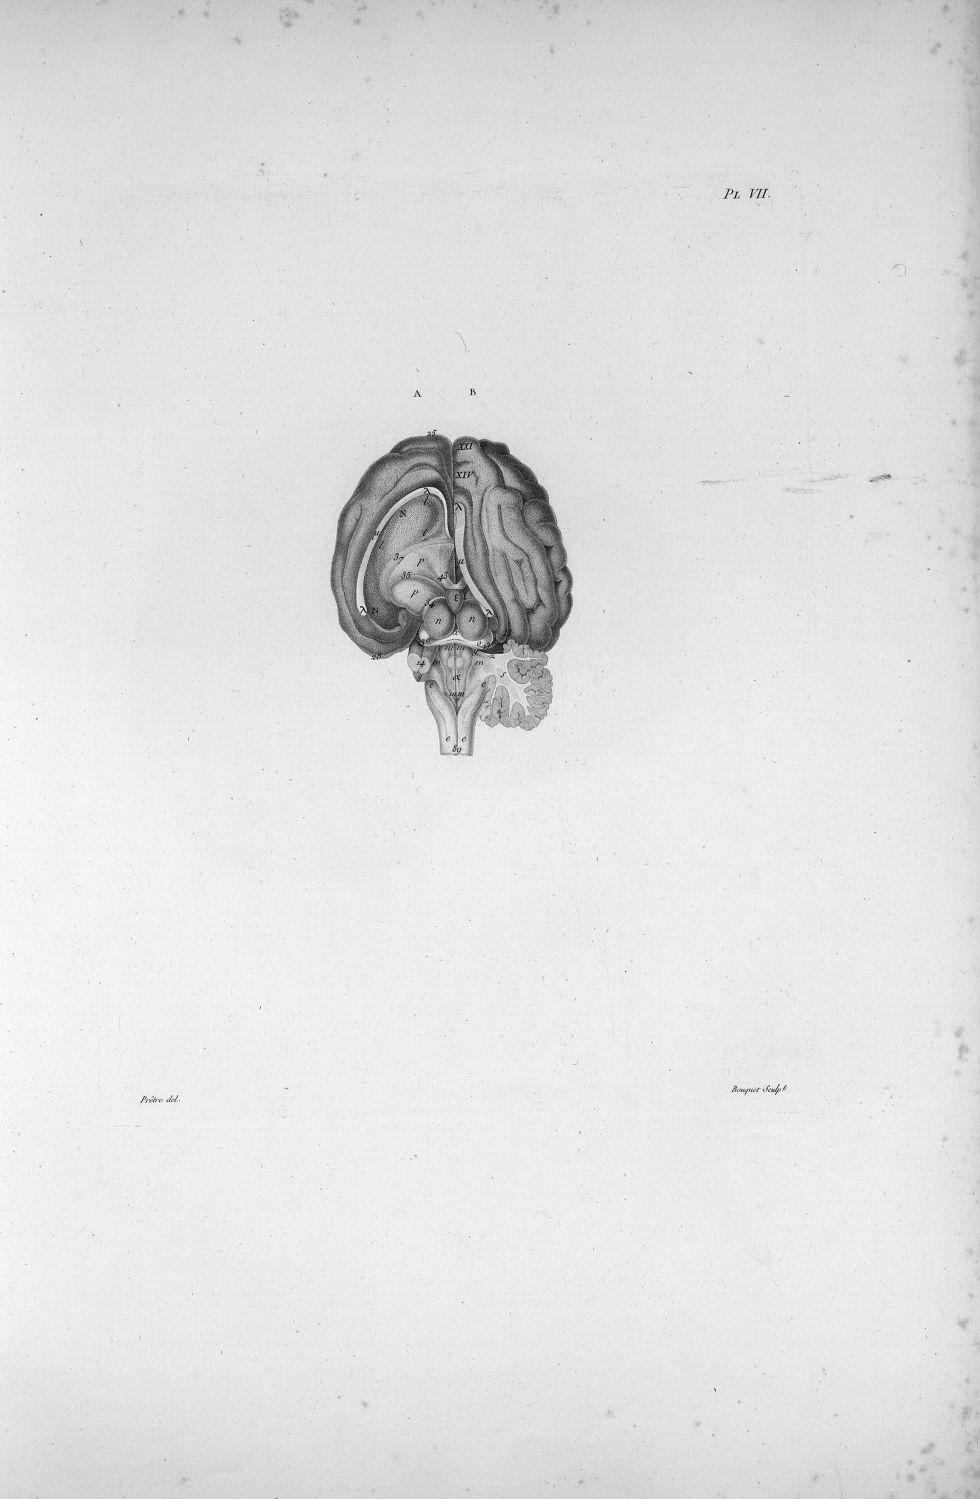 Pl. VII. Cerveau de mouton posé sur sa base - Anatomie et physiologie du système nerveux en général  [...] - Anatomie. Neurologie. Cerveaux (têtes). Animal, animaux. 19e siècle (France) - med00575xatlasx0017